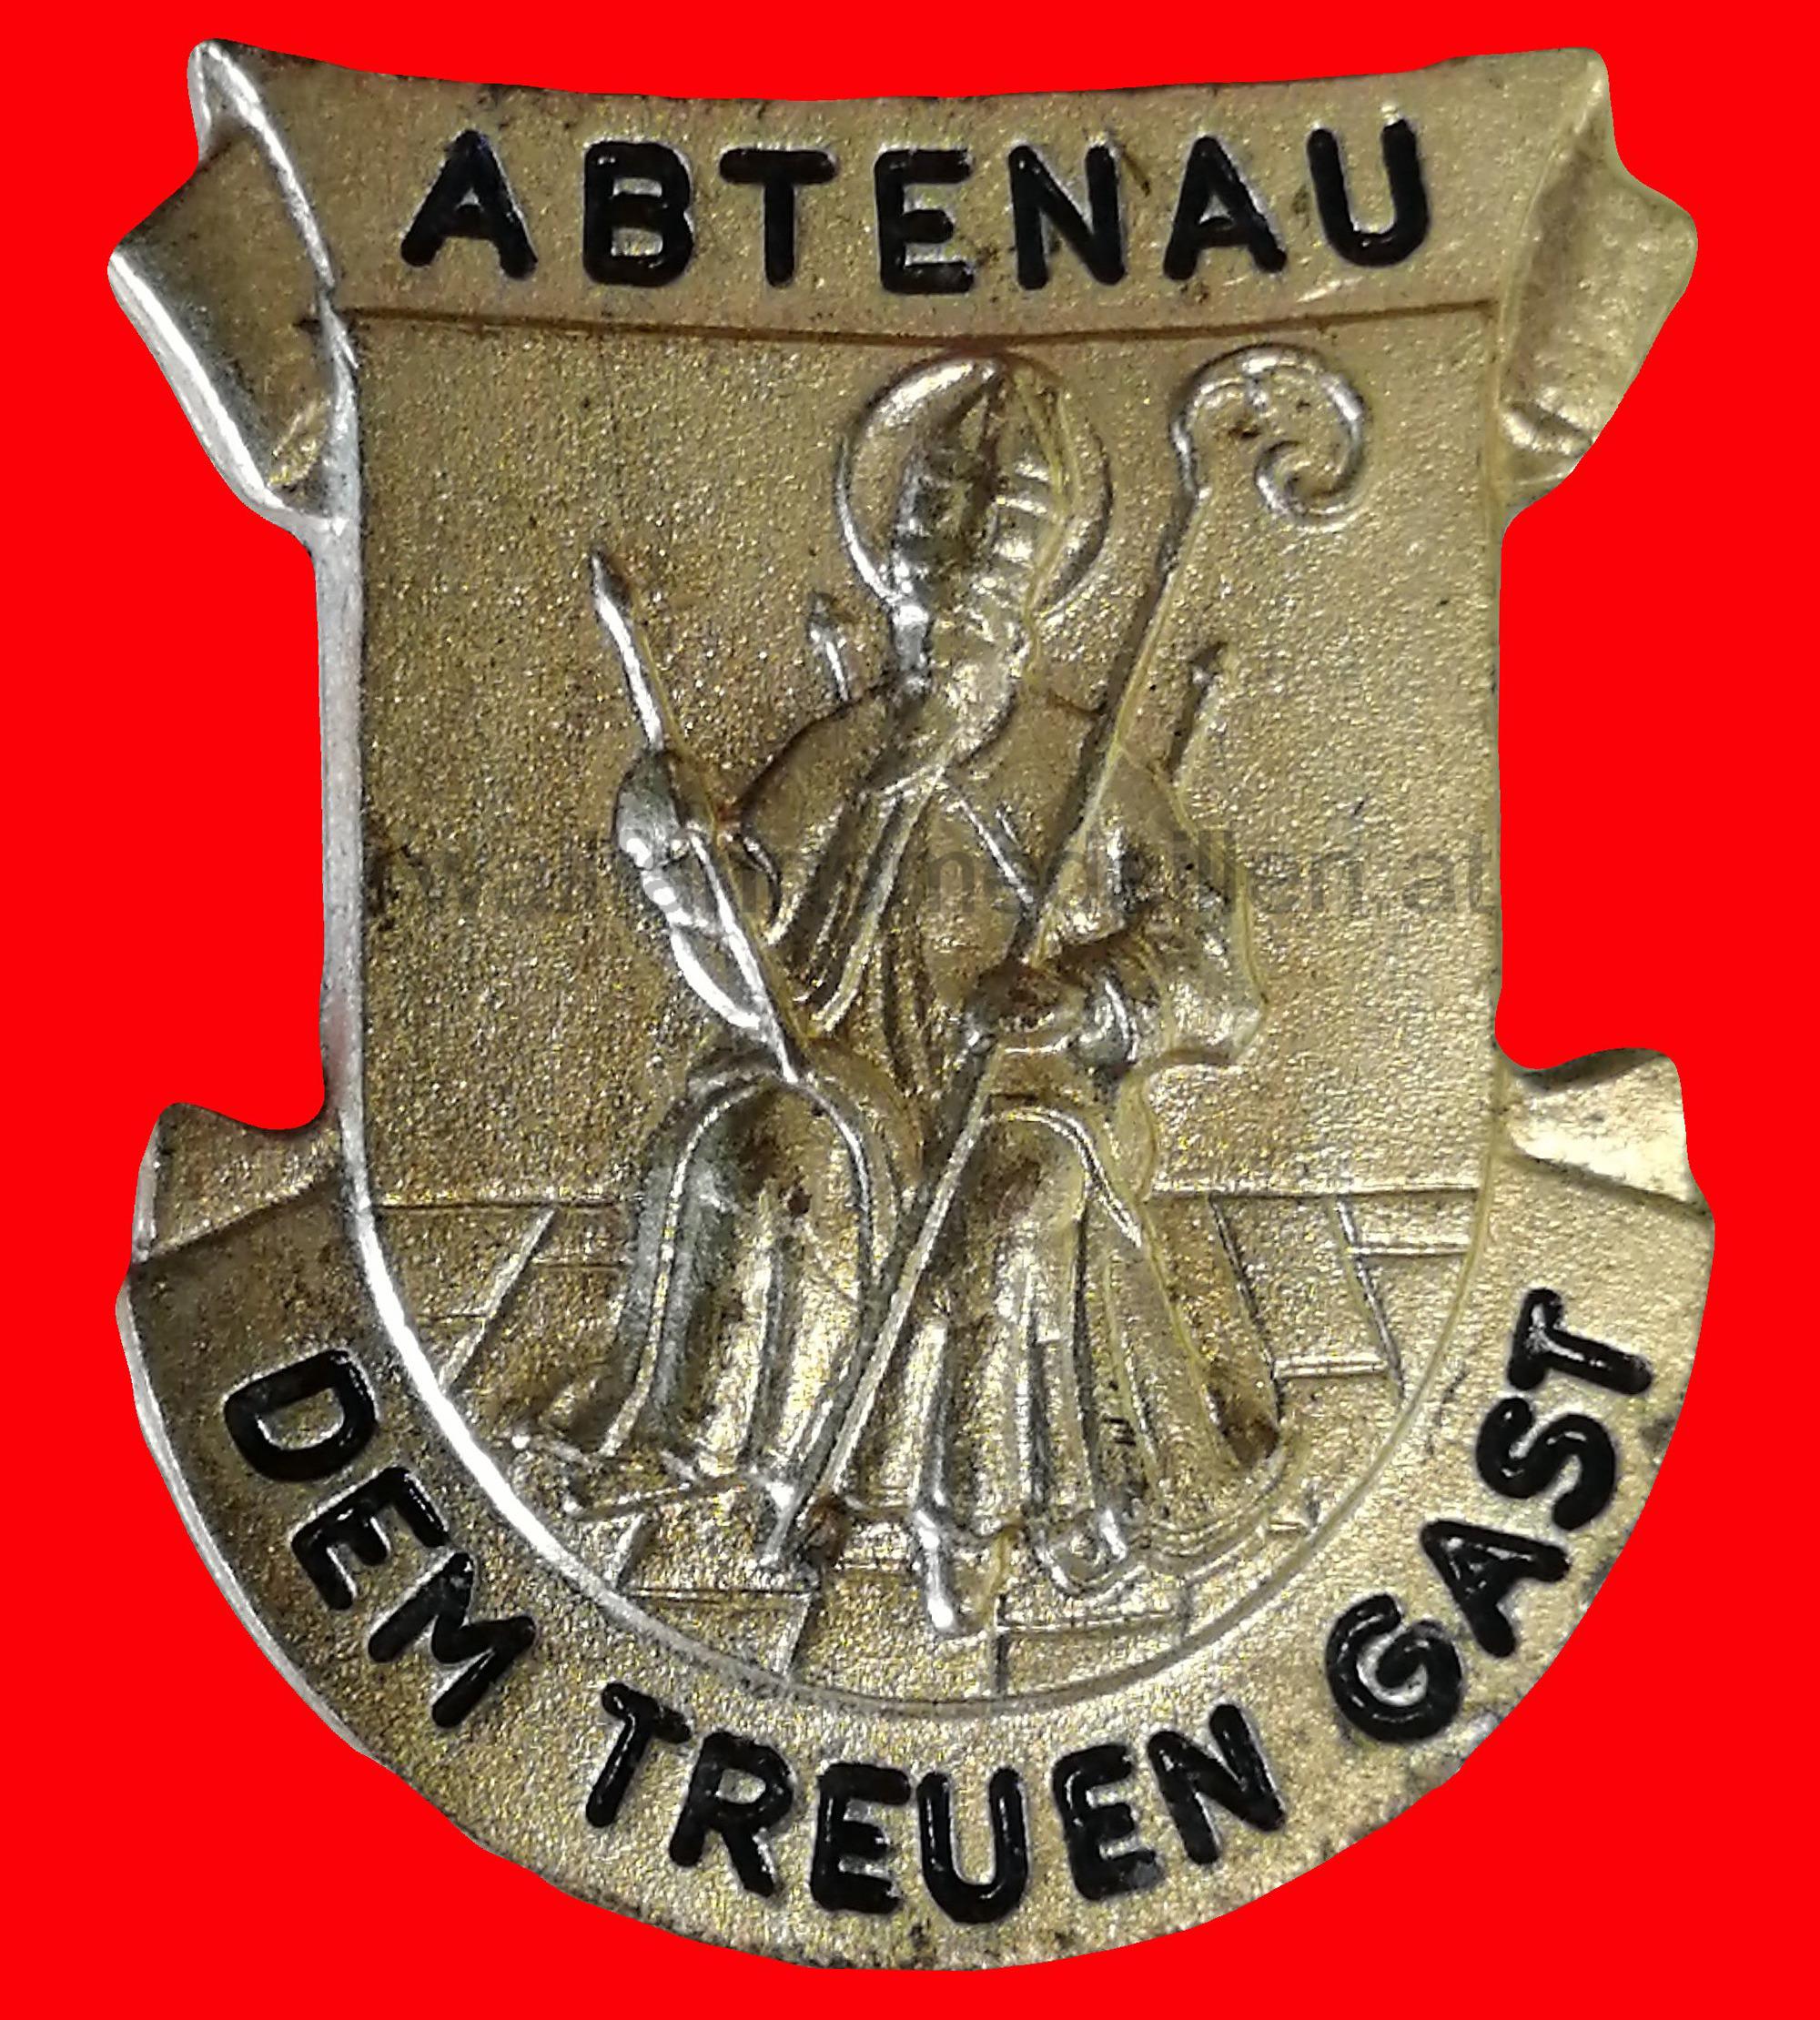 Wallfahrt Abtenau